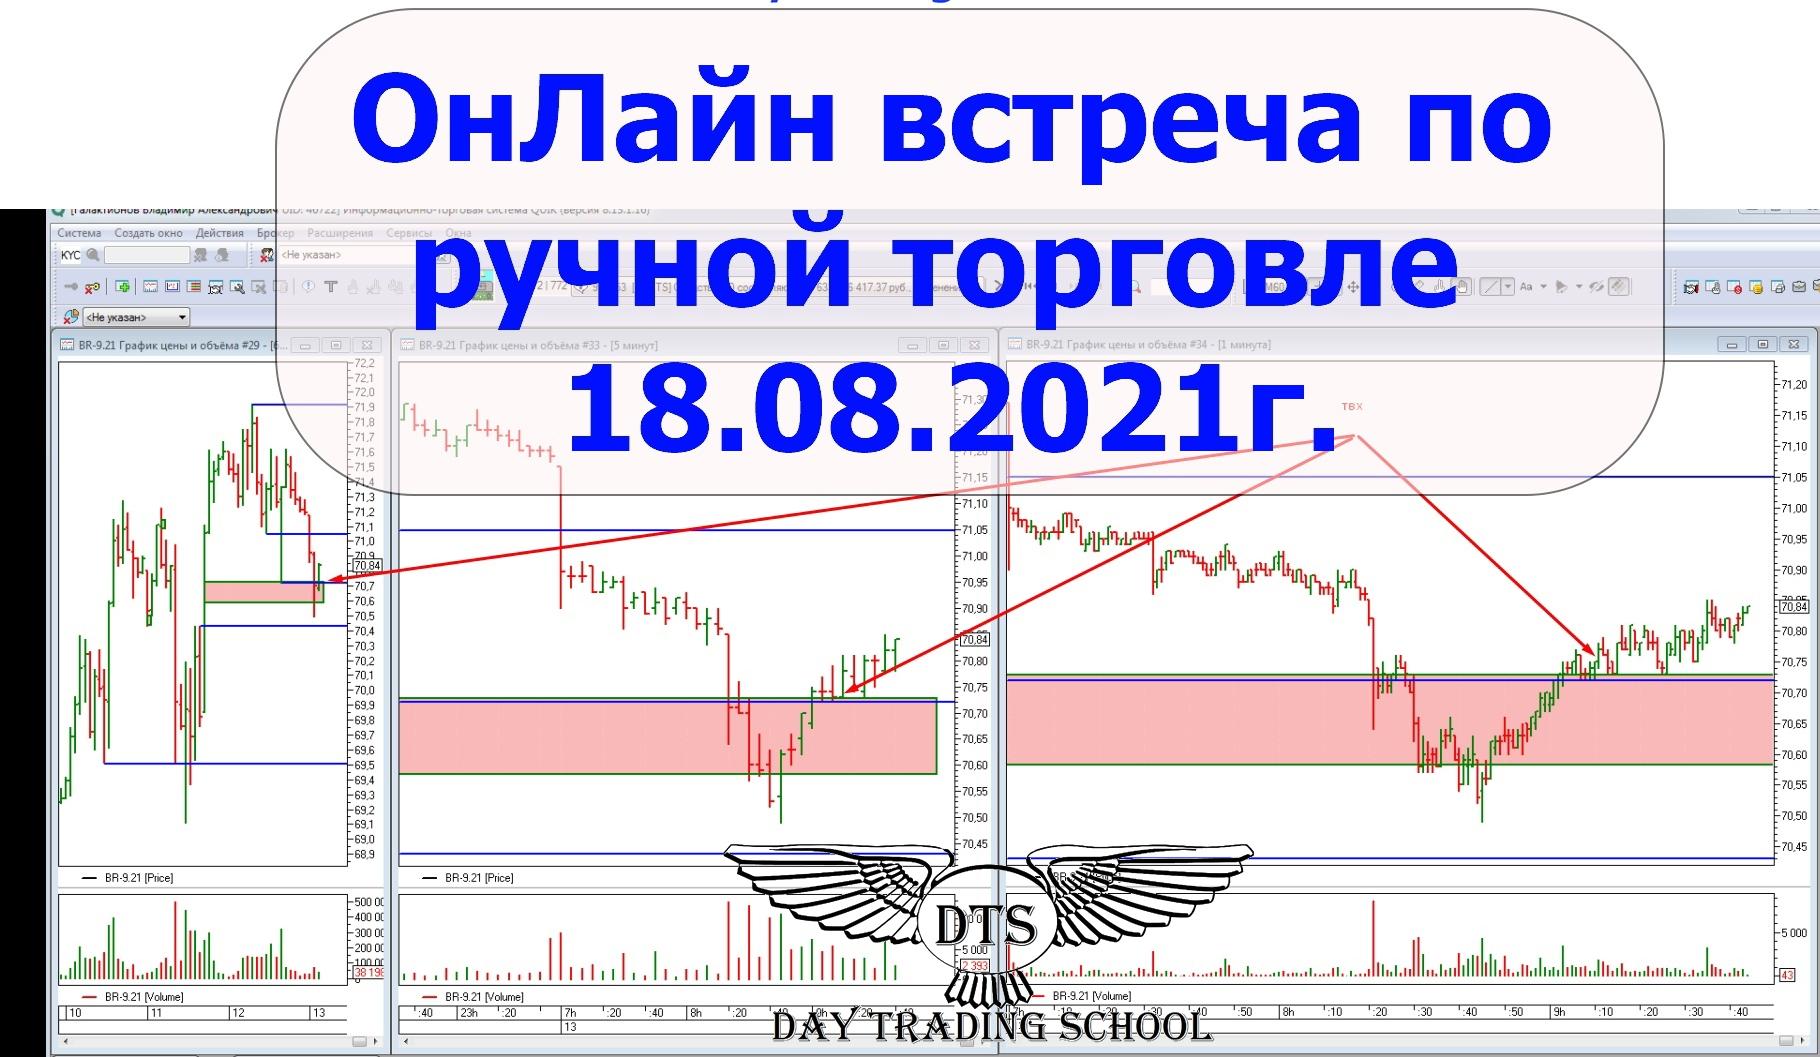 вебинар-по-ручной-торговле-18.08.2021